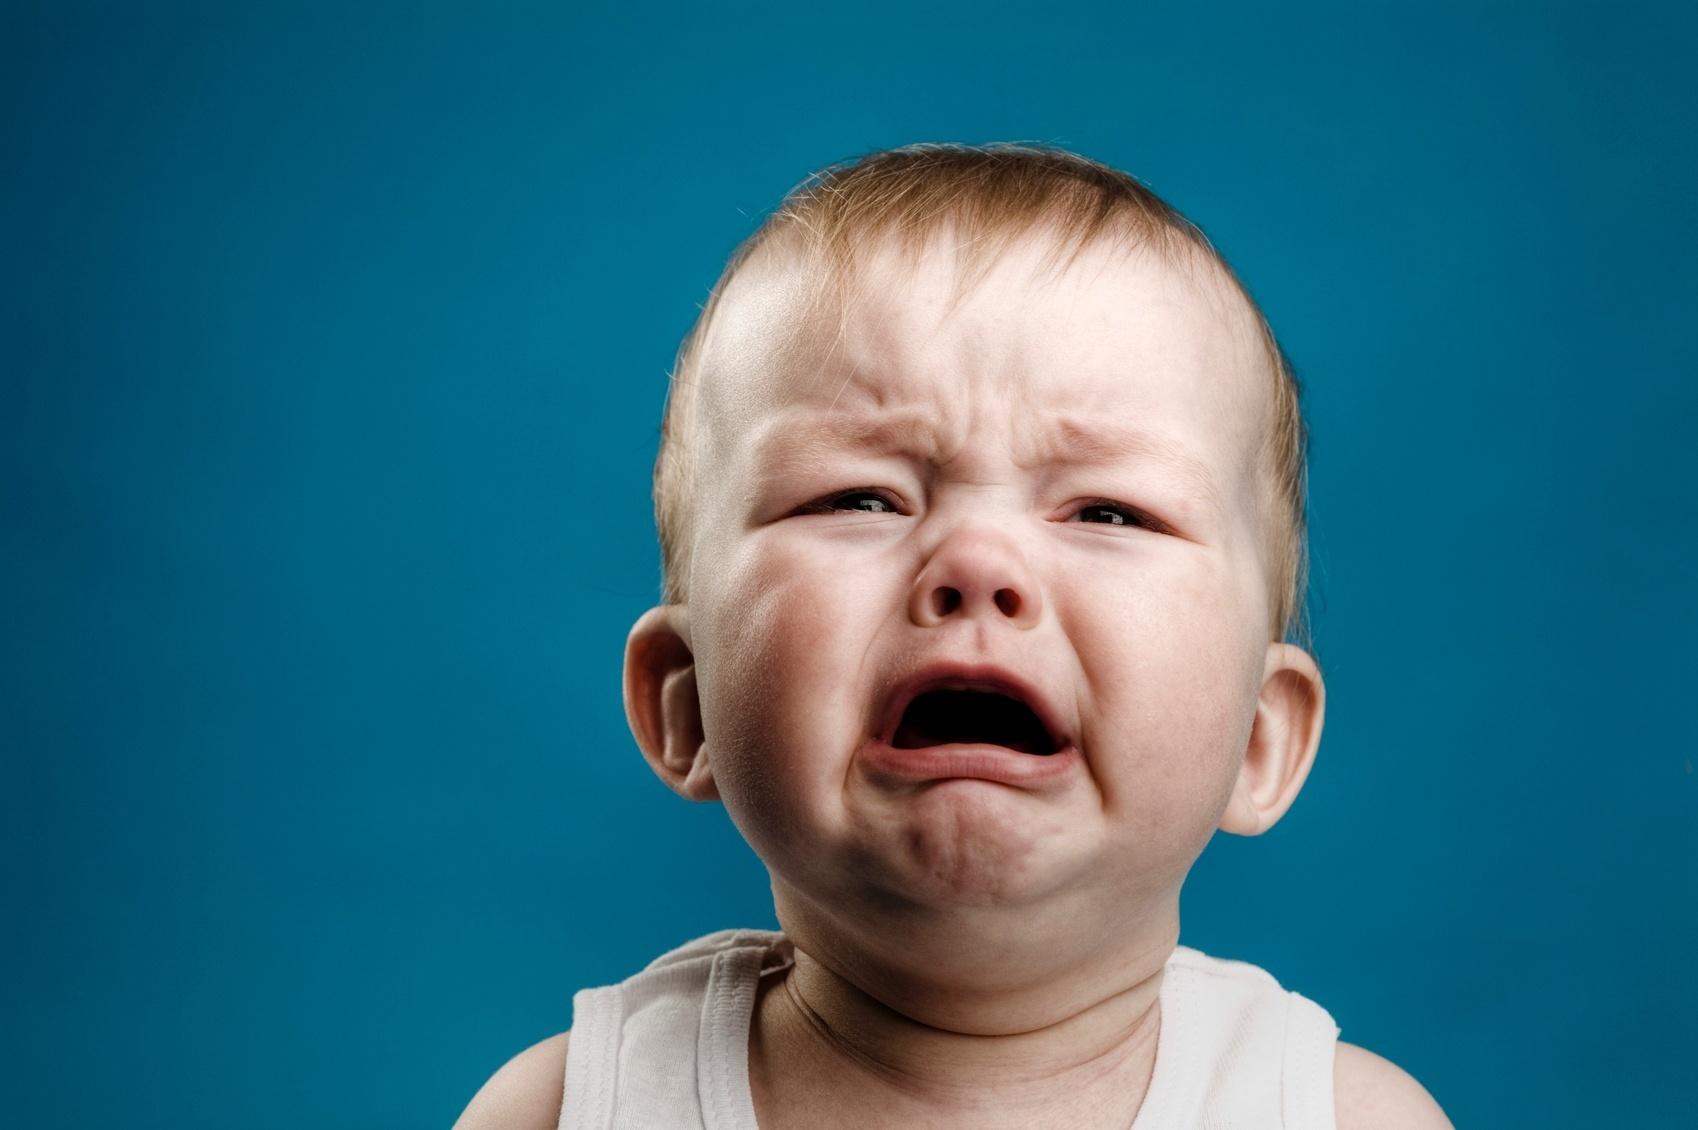 bebe-chorando-choro-mimimi-1472504477218_1698x1130